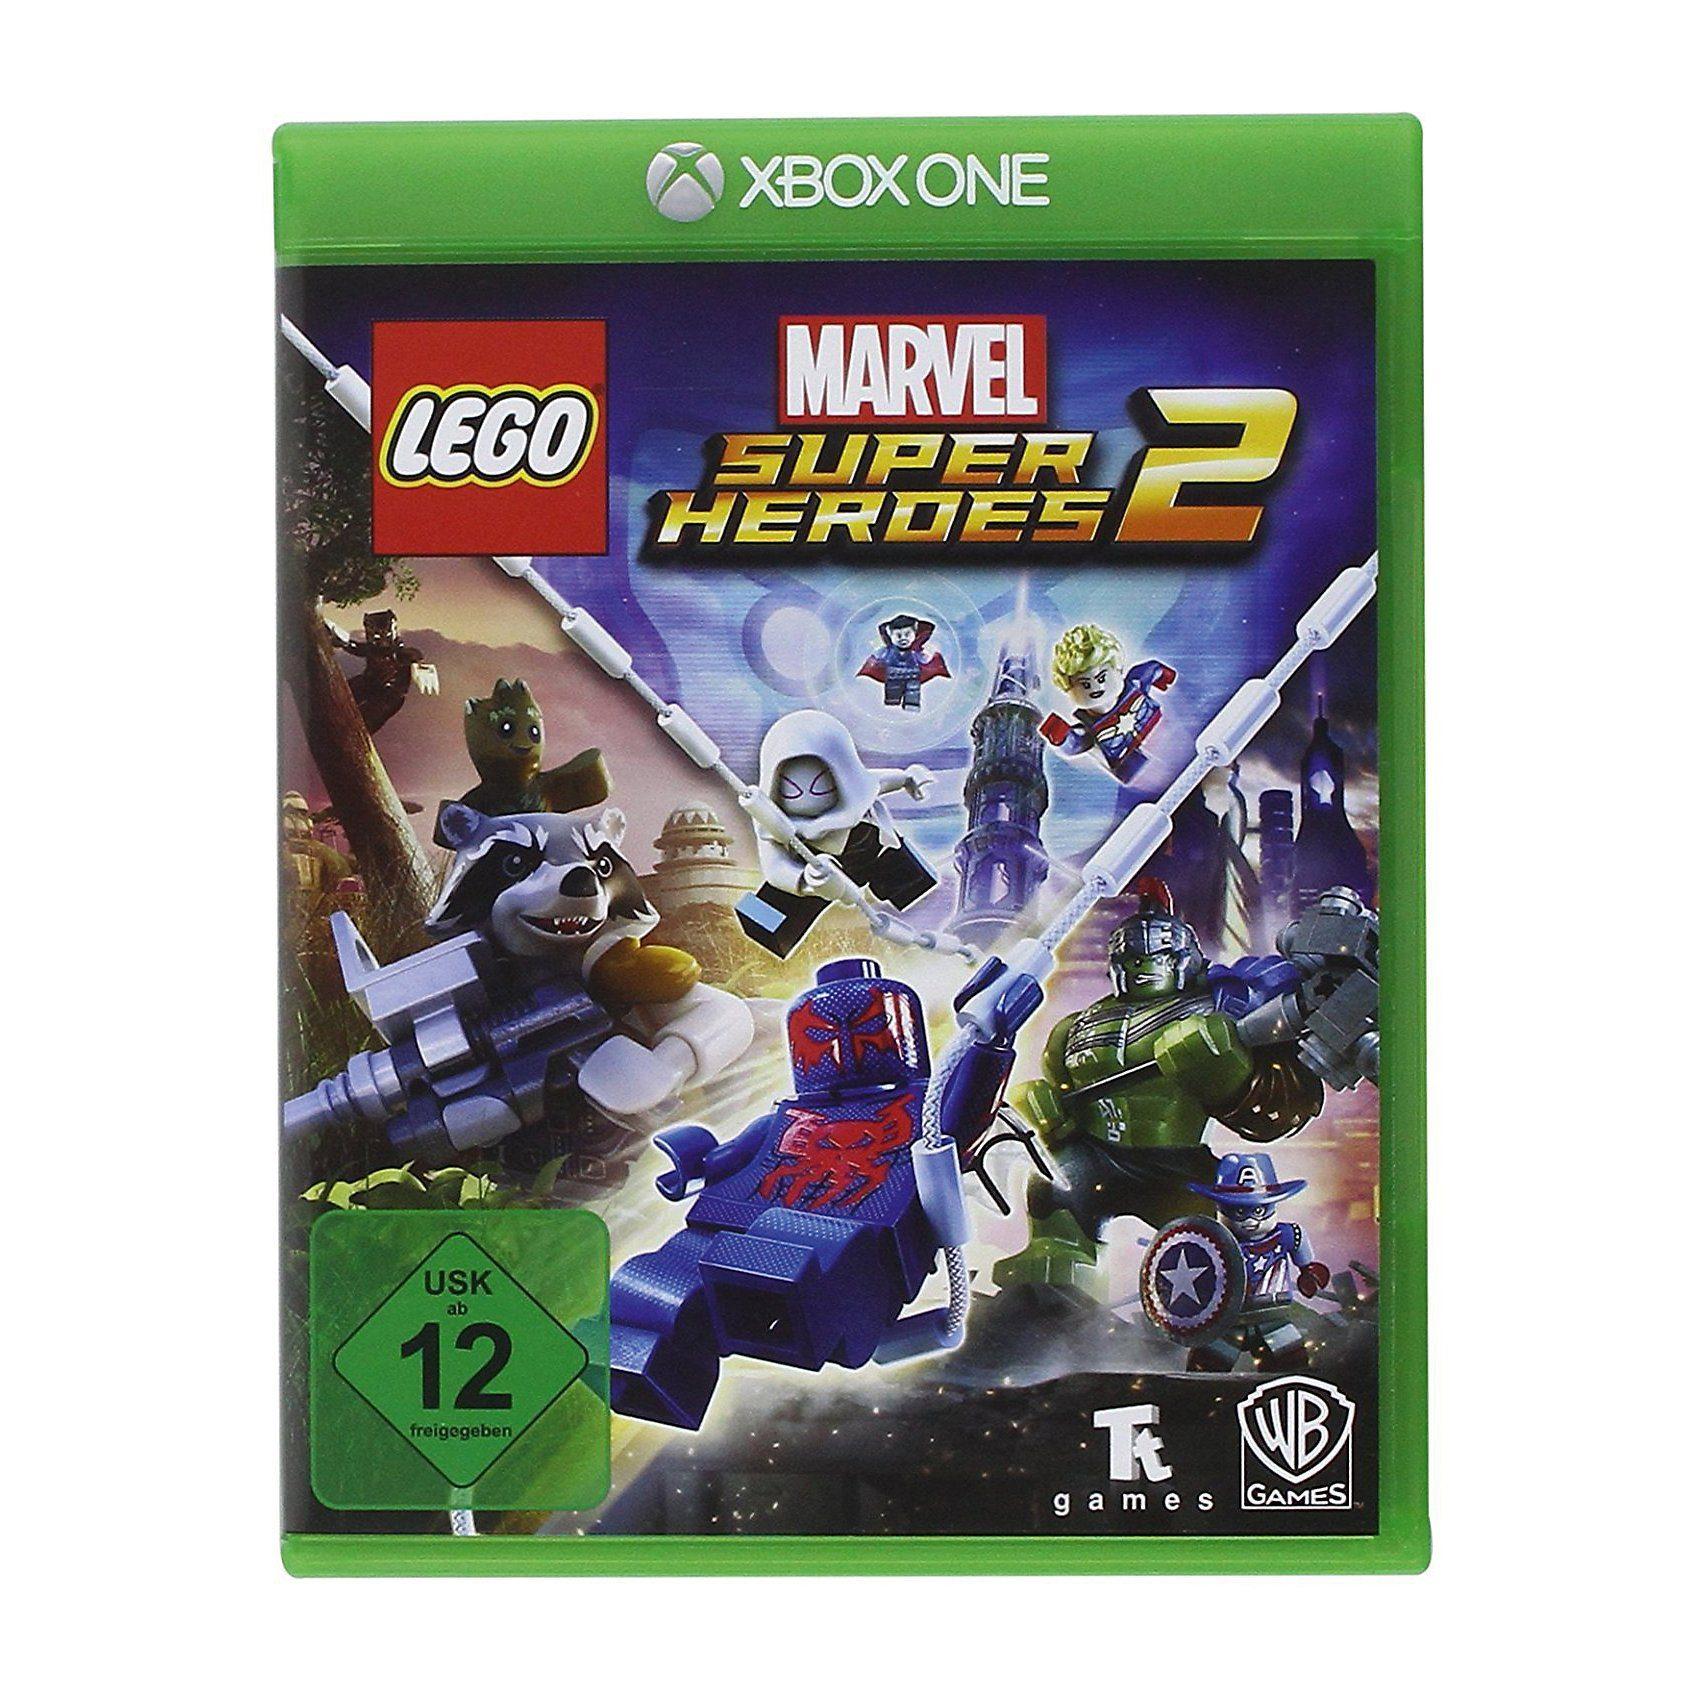 LEGO® XBOXONE Marvel Super Heroes 2